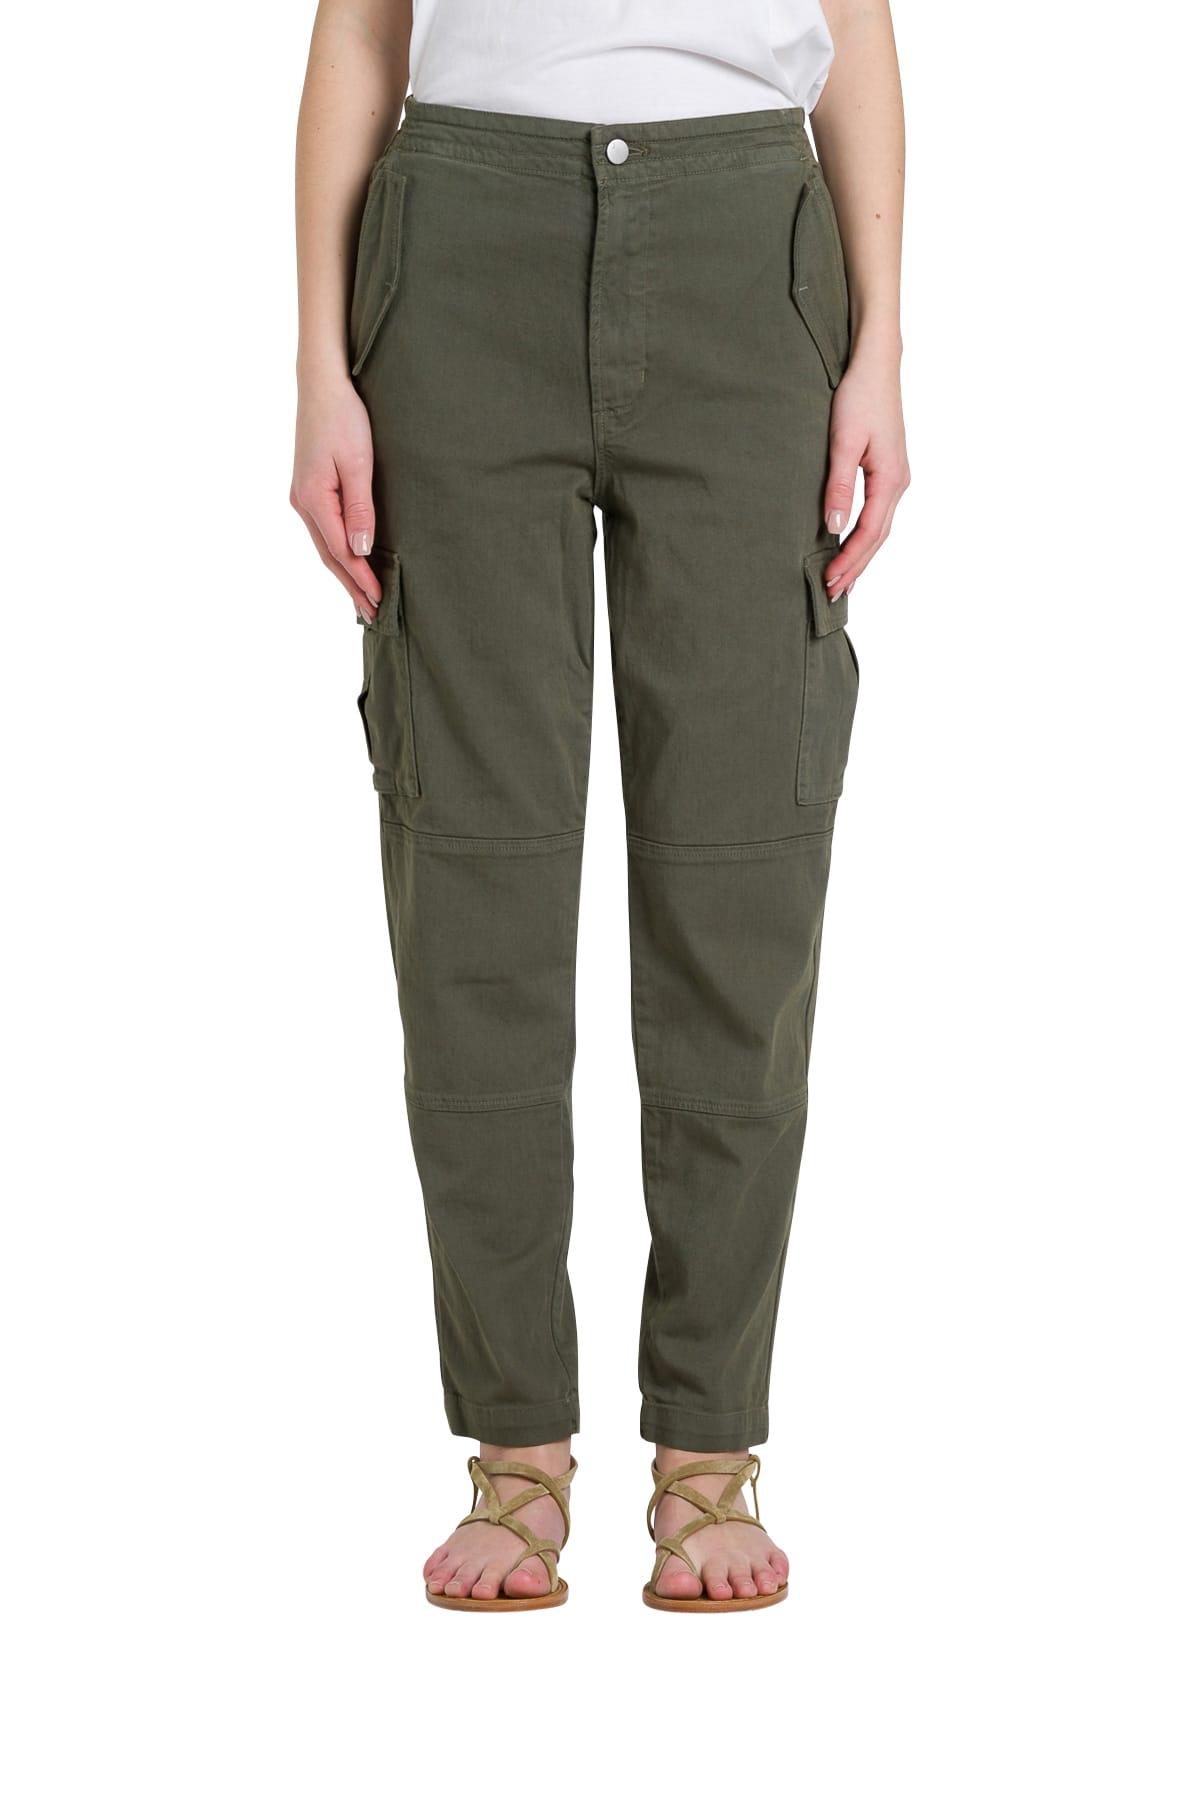 Bryar Cargo Pants